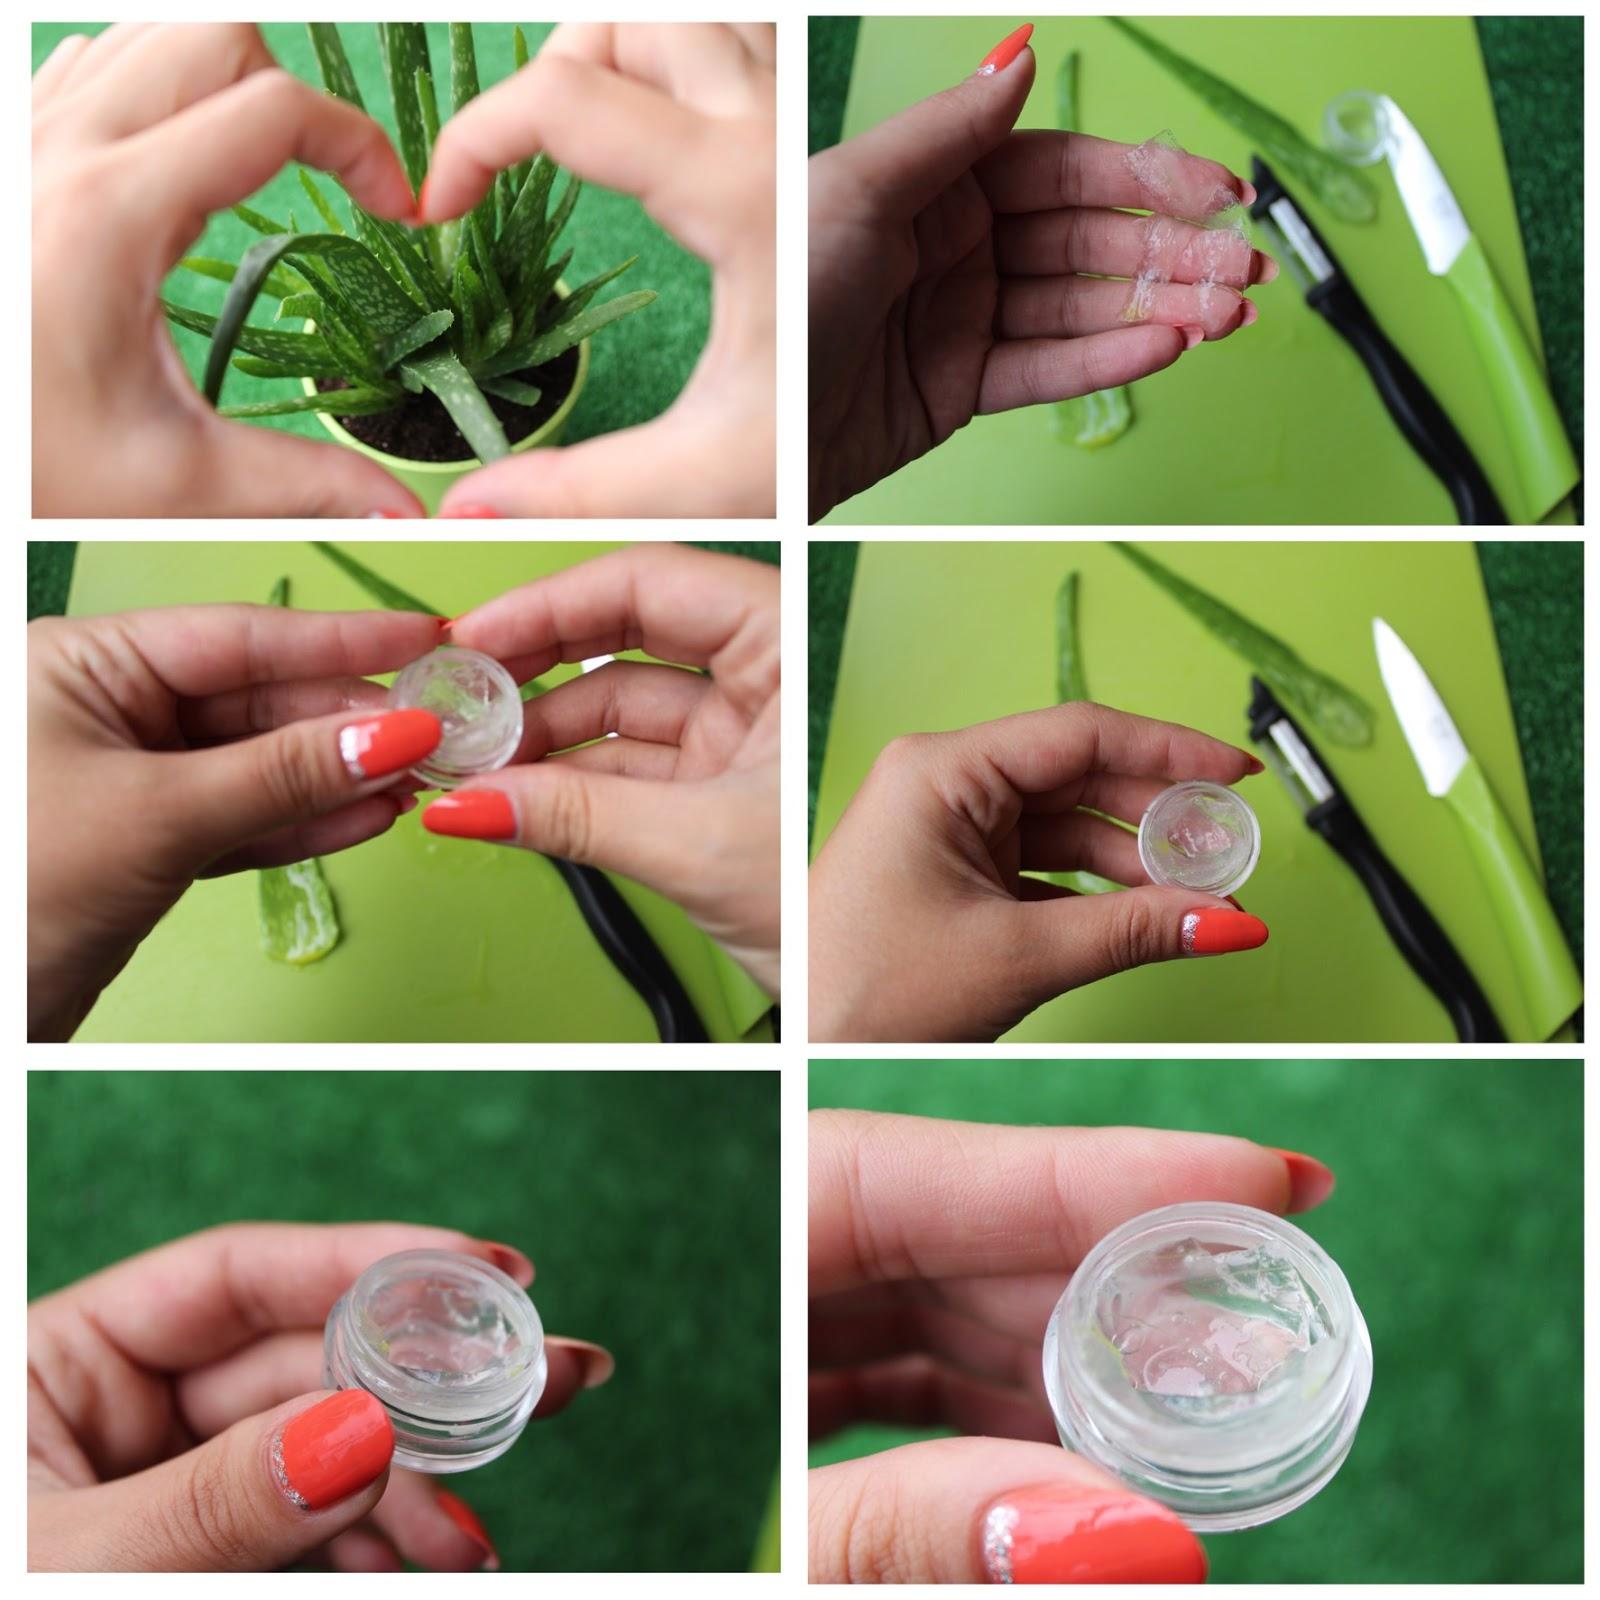 Aloe vera nasıl kullanılır